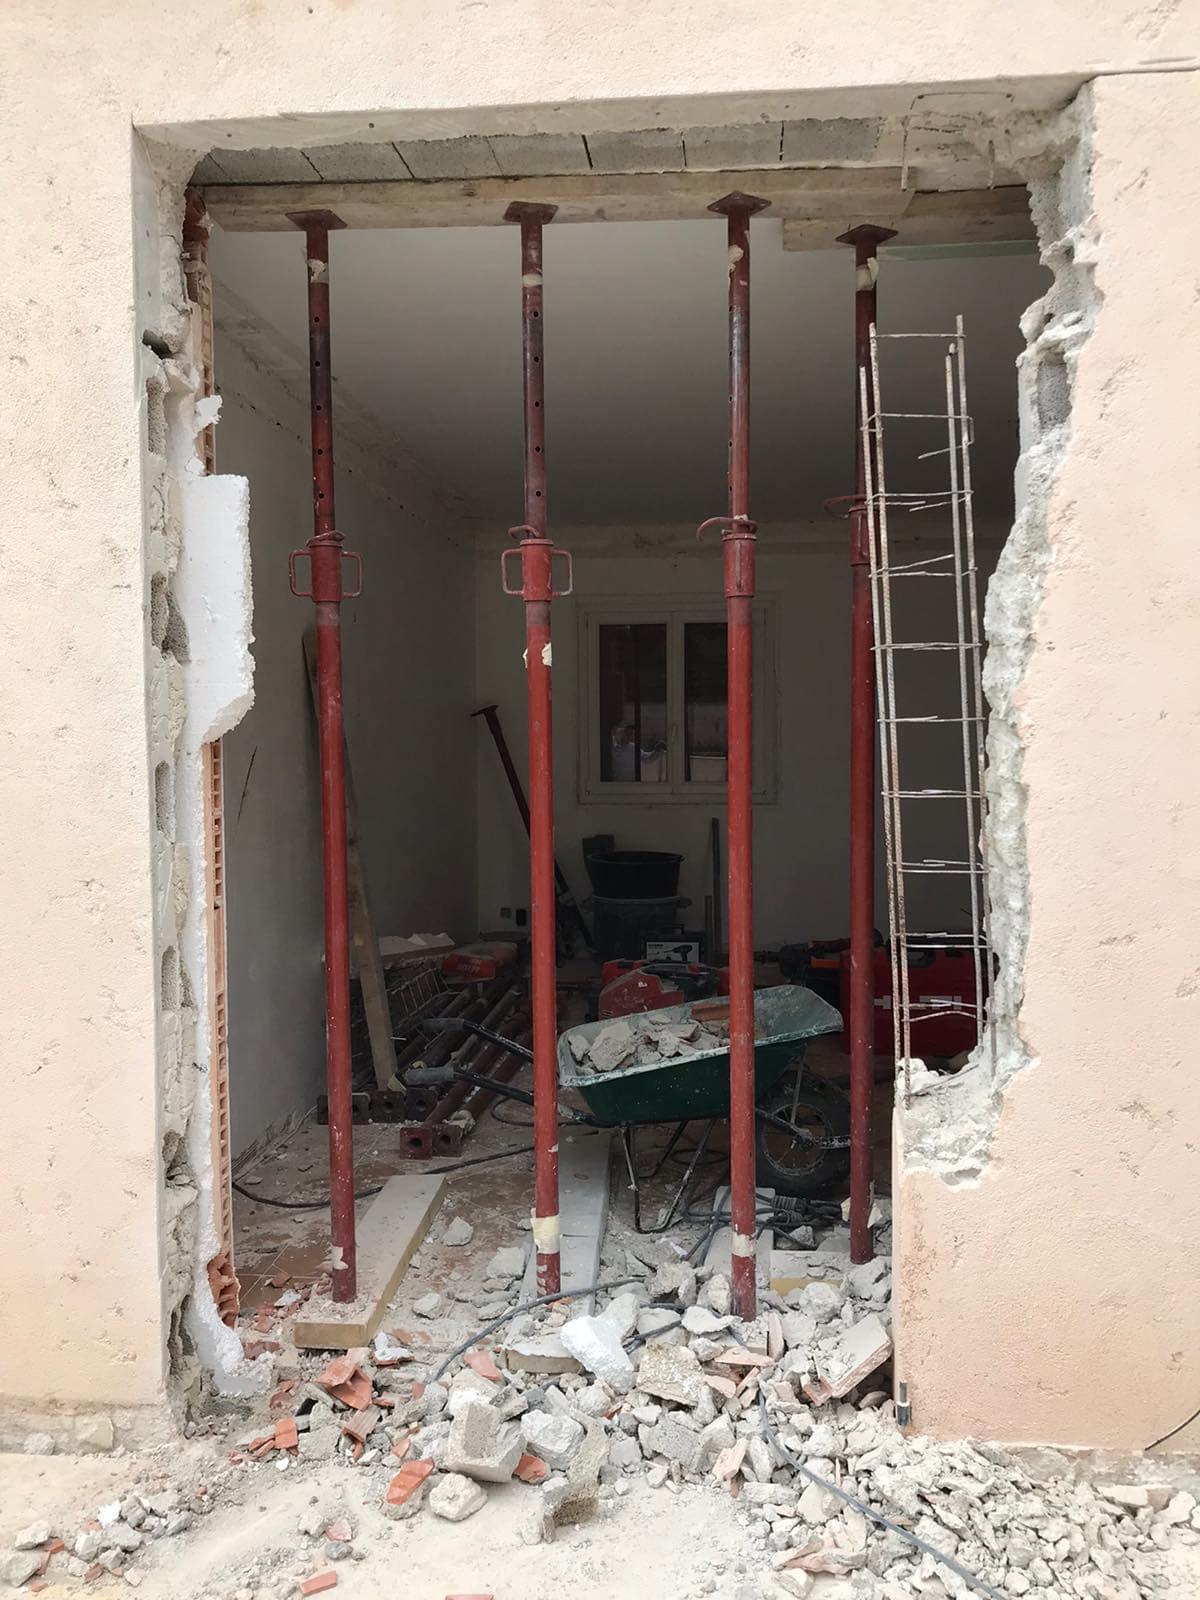 Agrandissement des baies vitrées dans les murs porteurs de la villa à Saint-Jean Cap Ferrat. - Murs porteurs